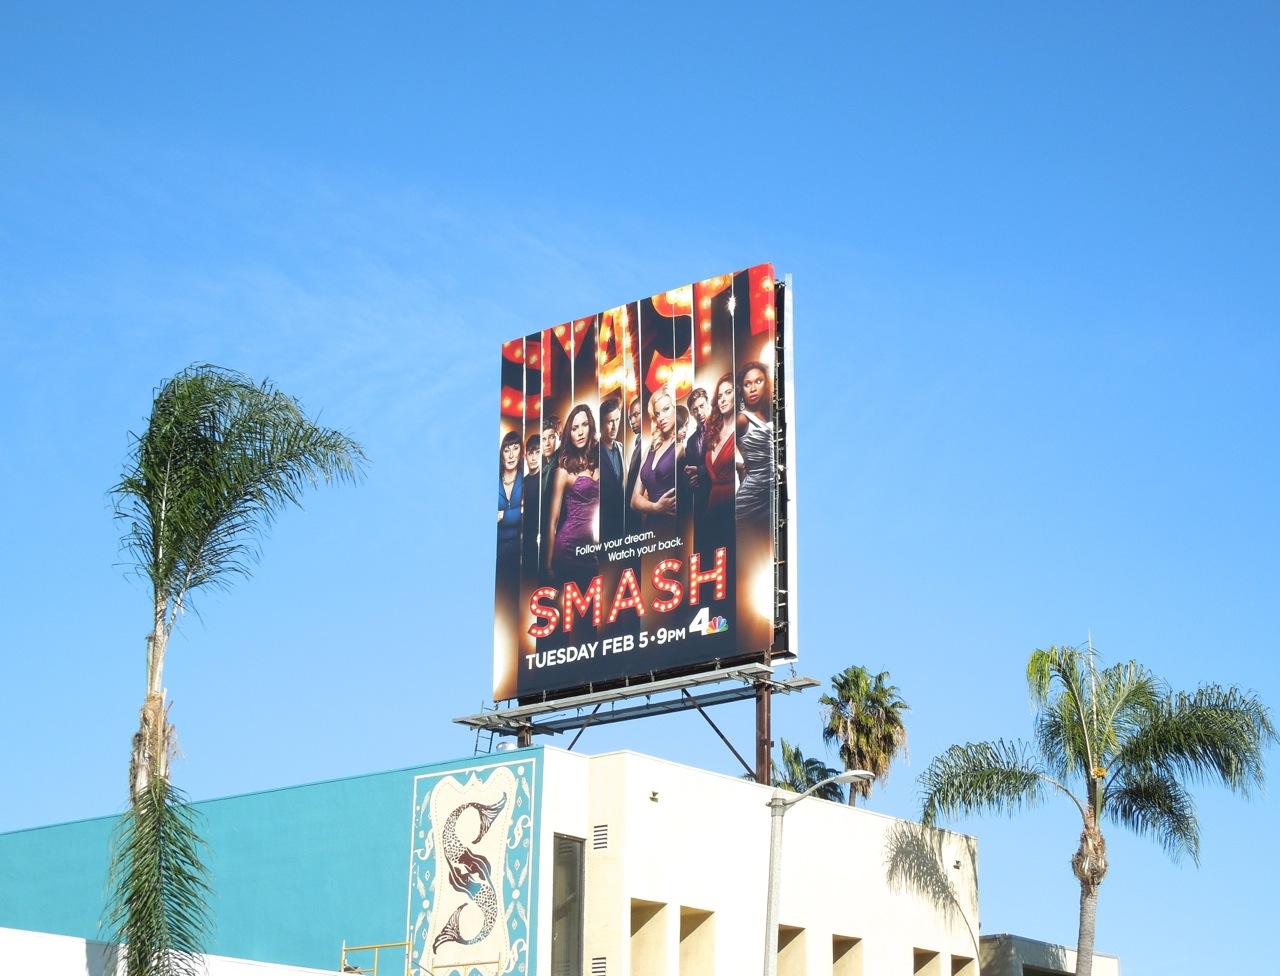 http://2.bp.blogspot.com/-oH7qcvJ_TH4/UPtN00iPGxI/AAAAAAAA_FU/lAF5OKl7J58/s1600/Smash+2+billboard.jpg